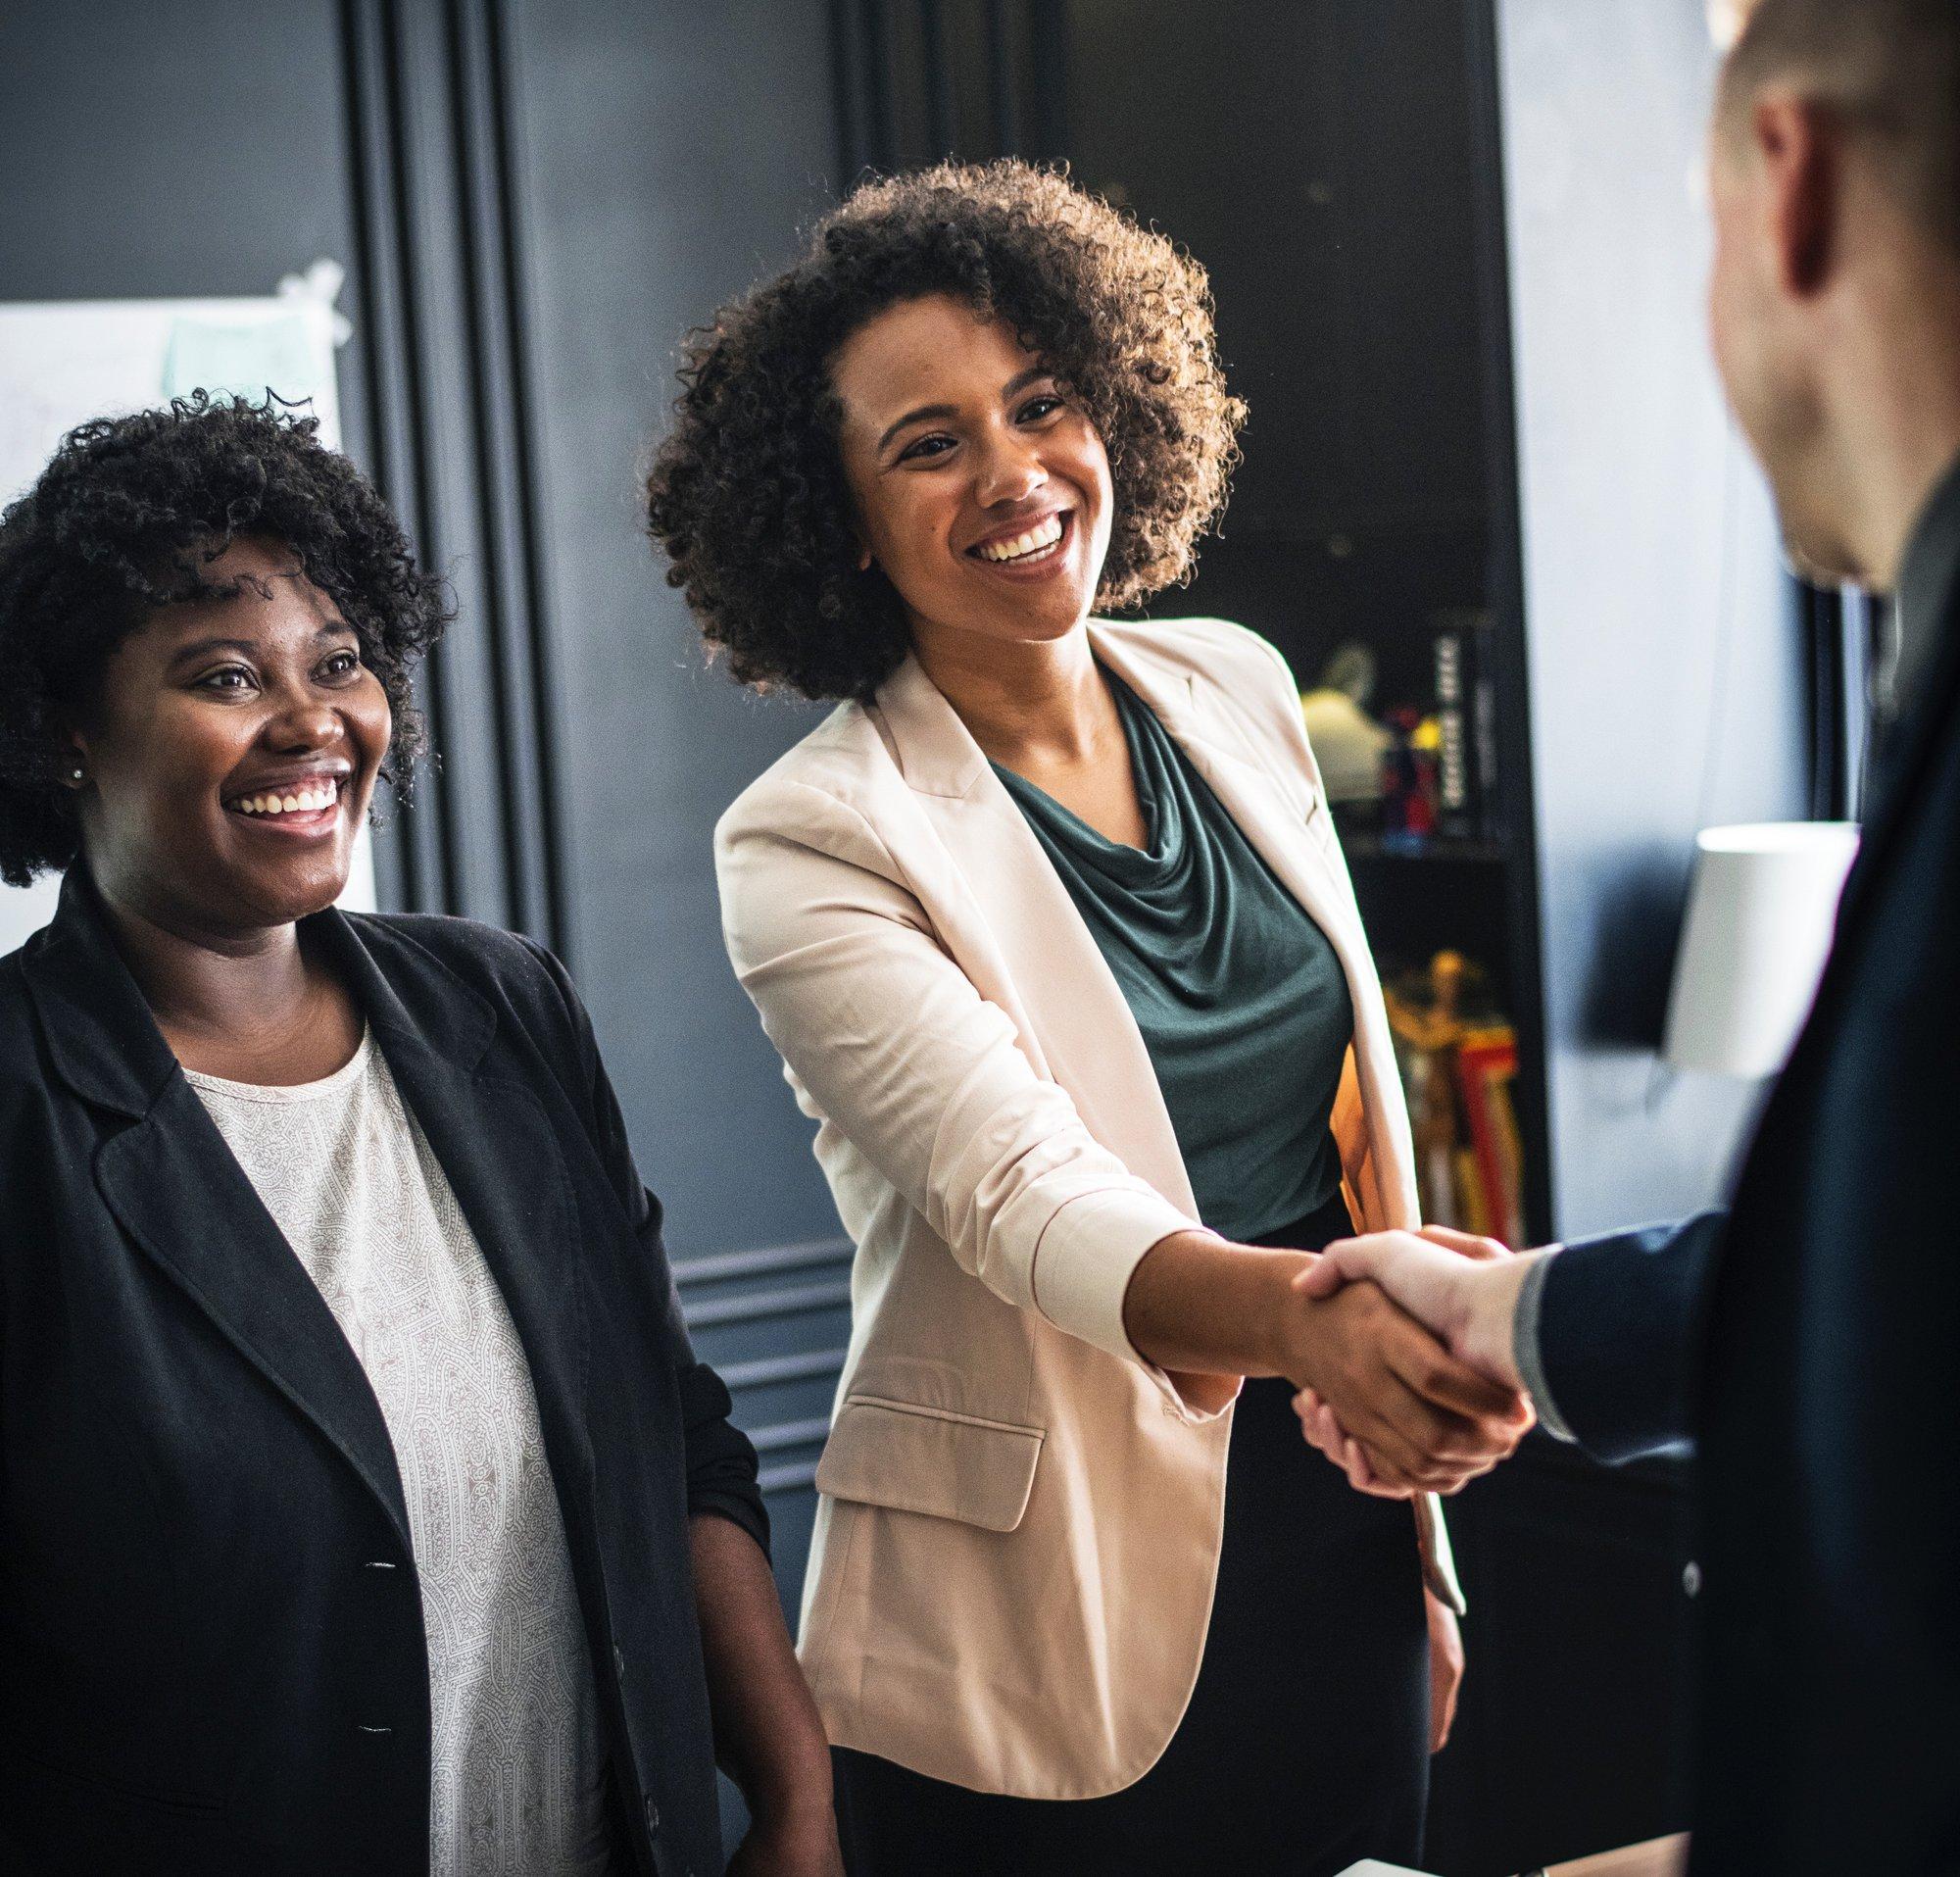 Dix conseils que tout acheteur devrait connaître pour négocier efficacement